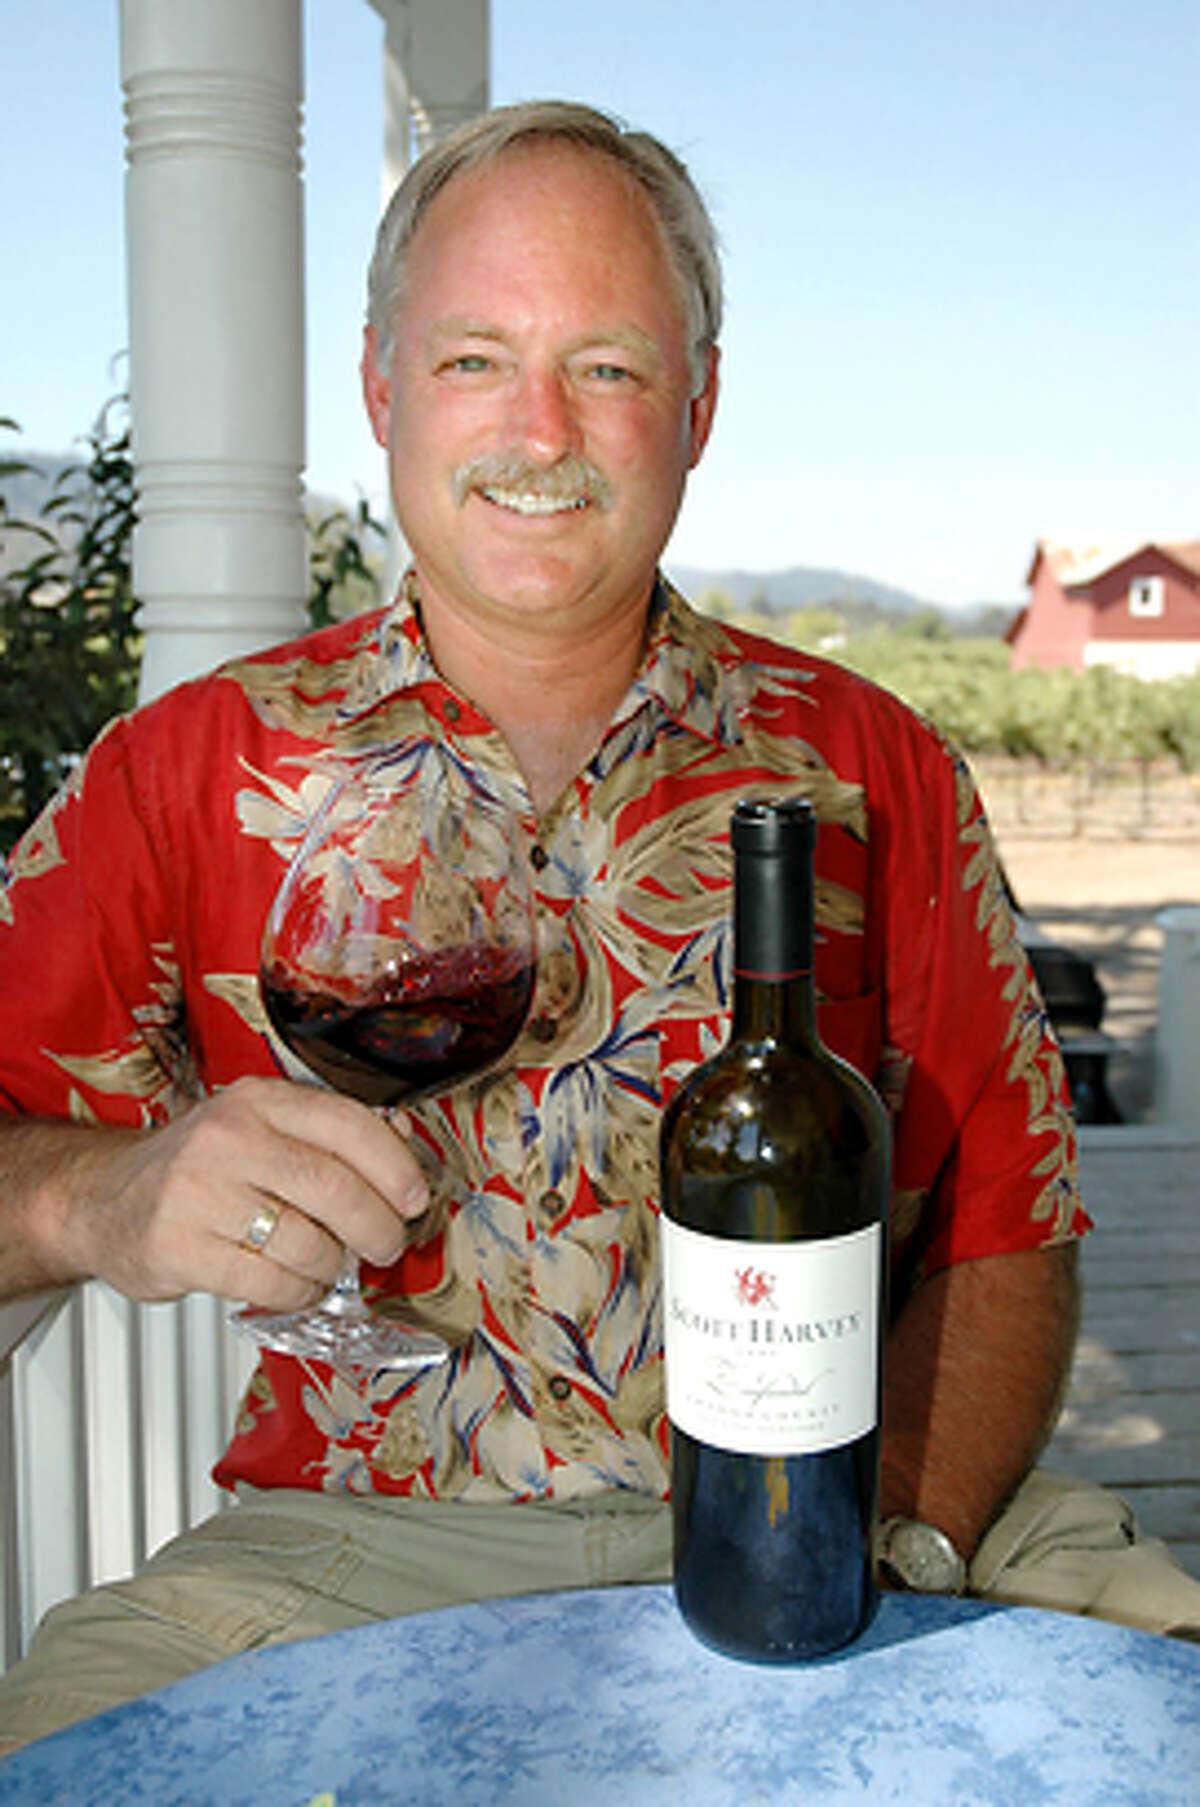 Winemaker Scott Harvey Ran on: 08-11-2005 Terri